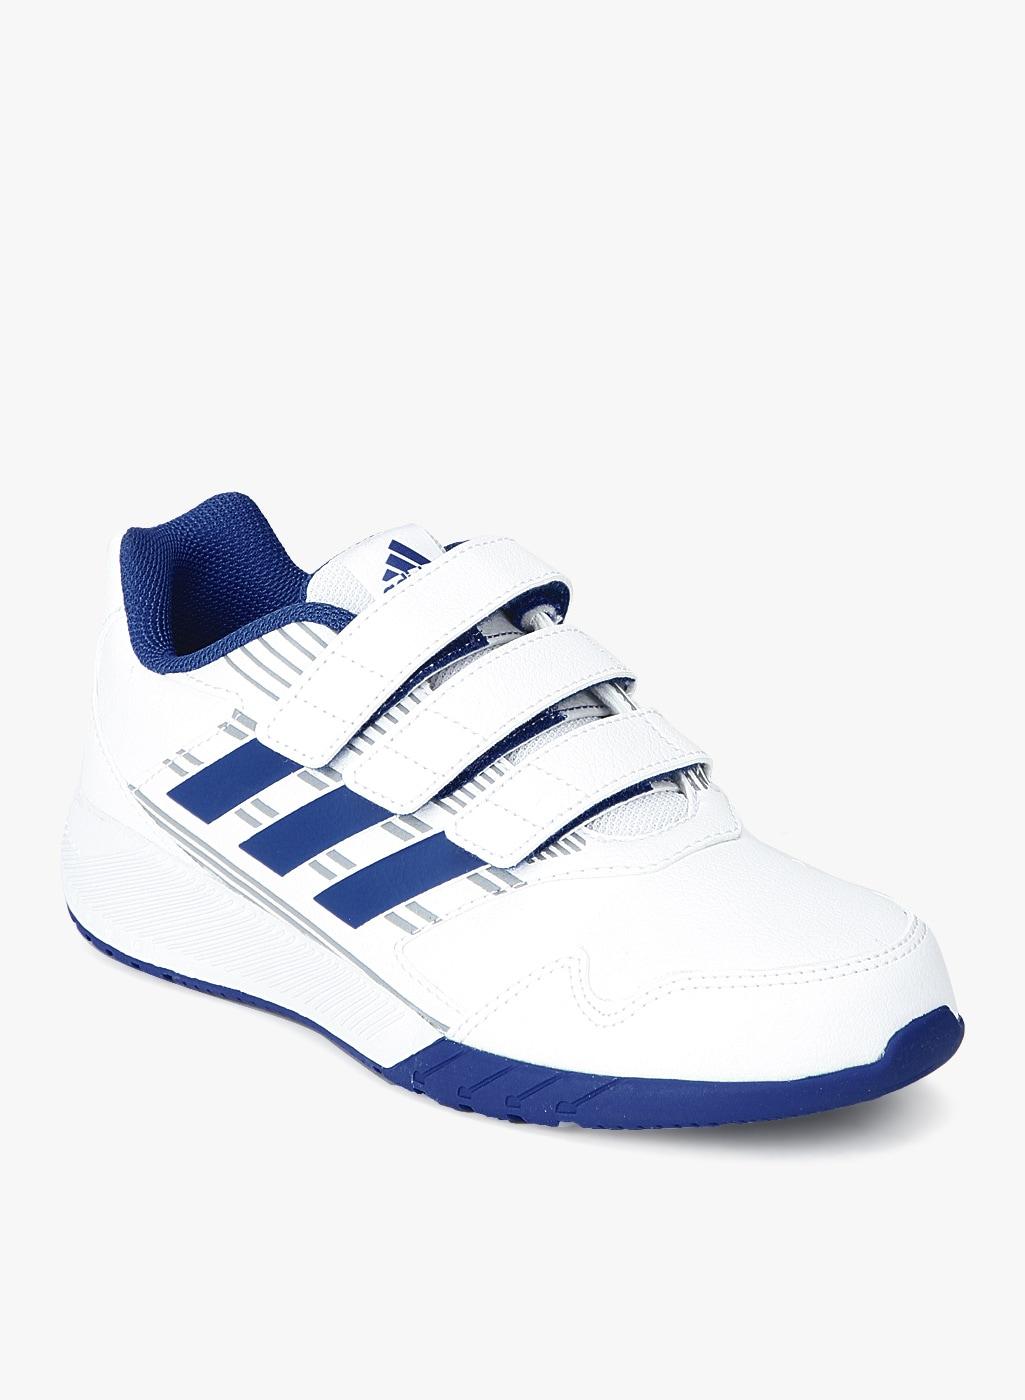 Meilleure offre sur les Adidas ALTARUN CF Chaussures de